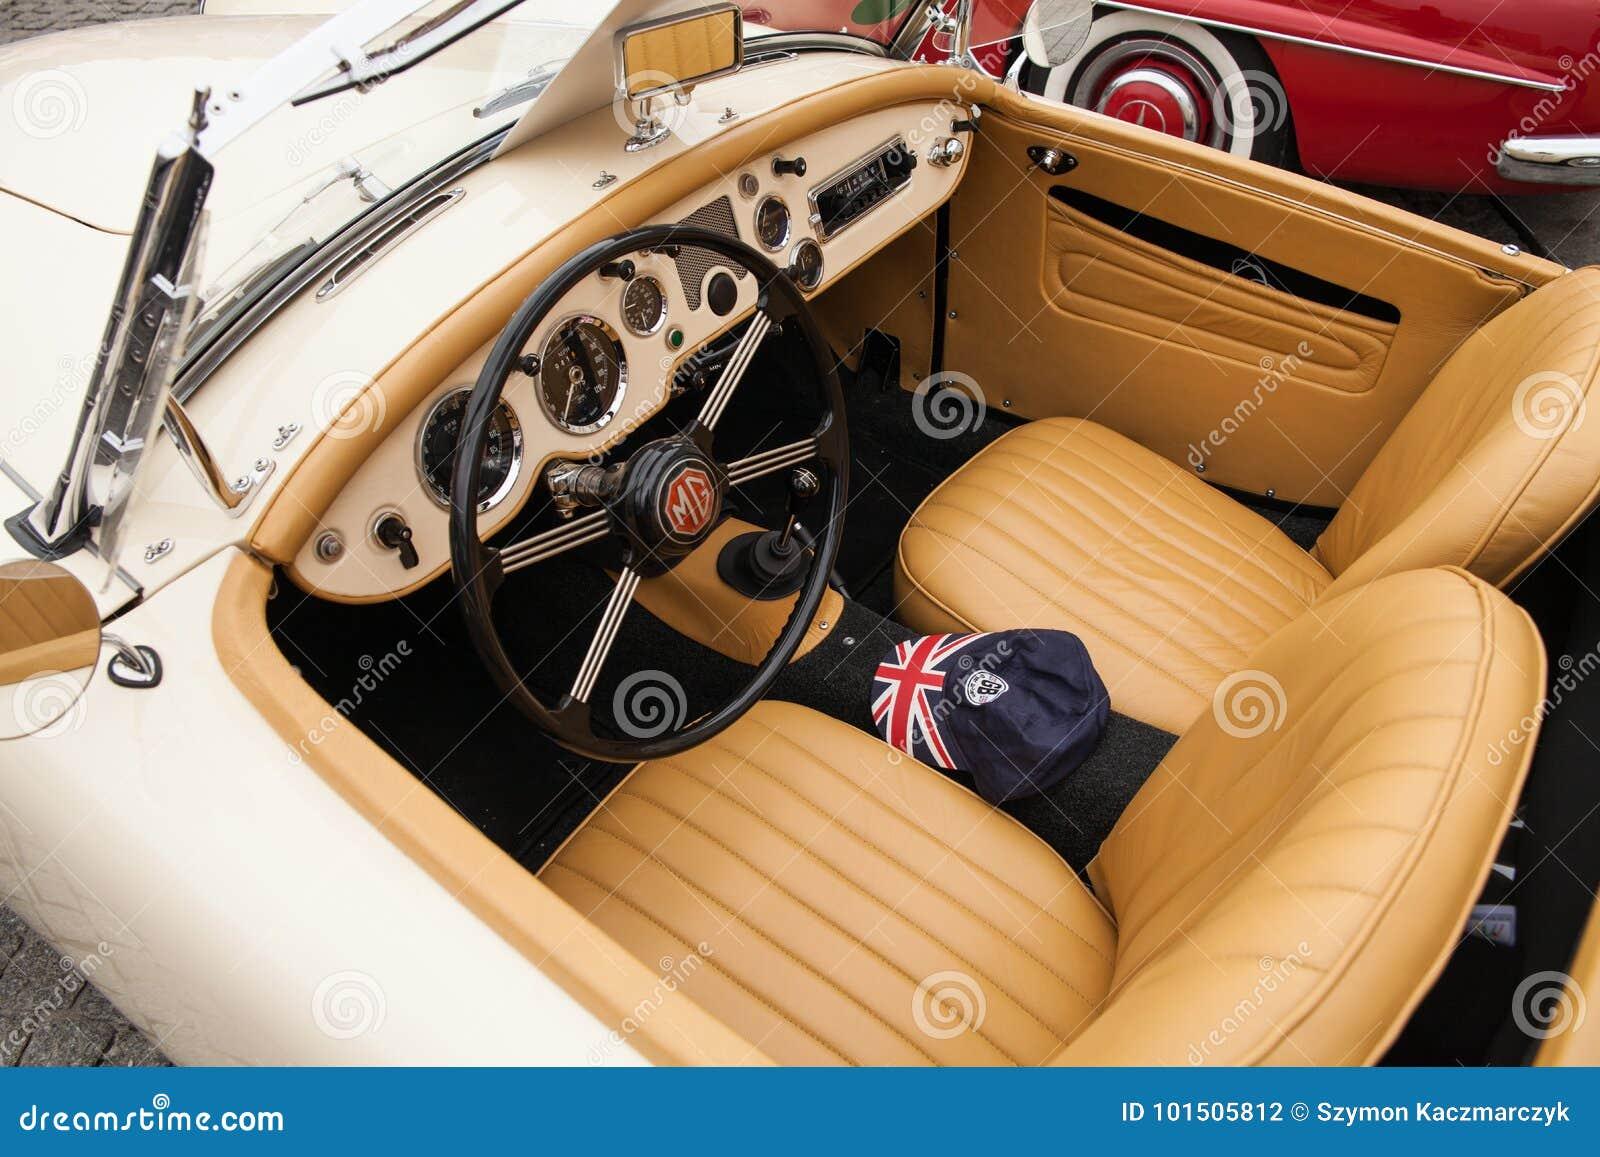 Interior Mg 1600 Inside View Retro Design Car Editorial